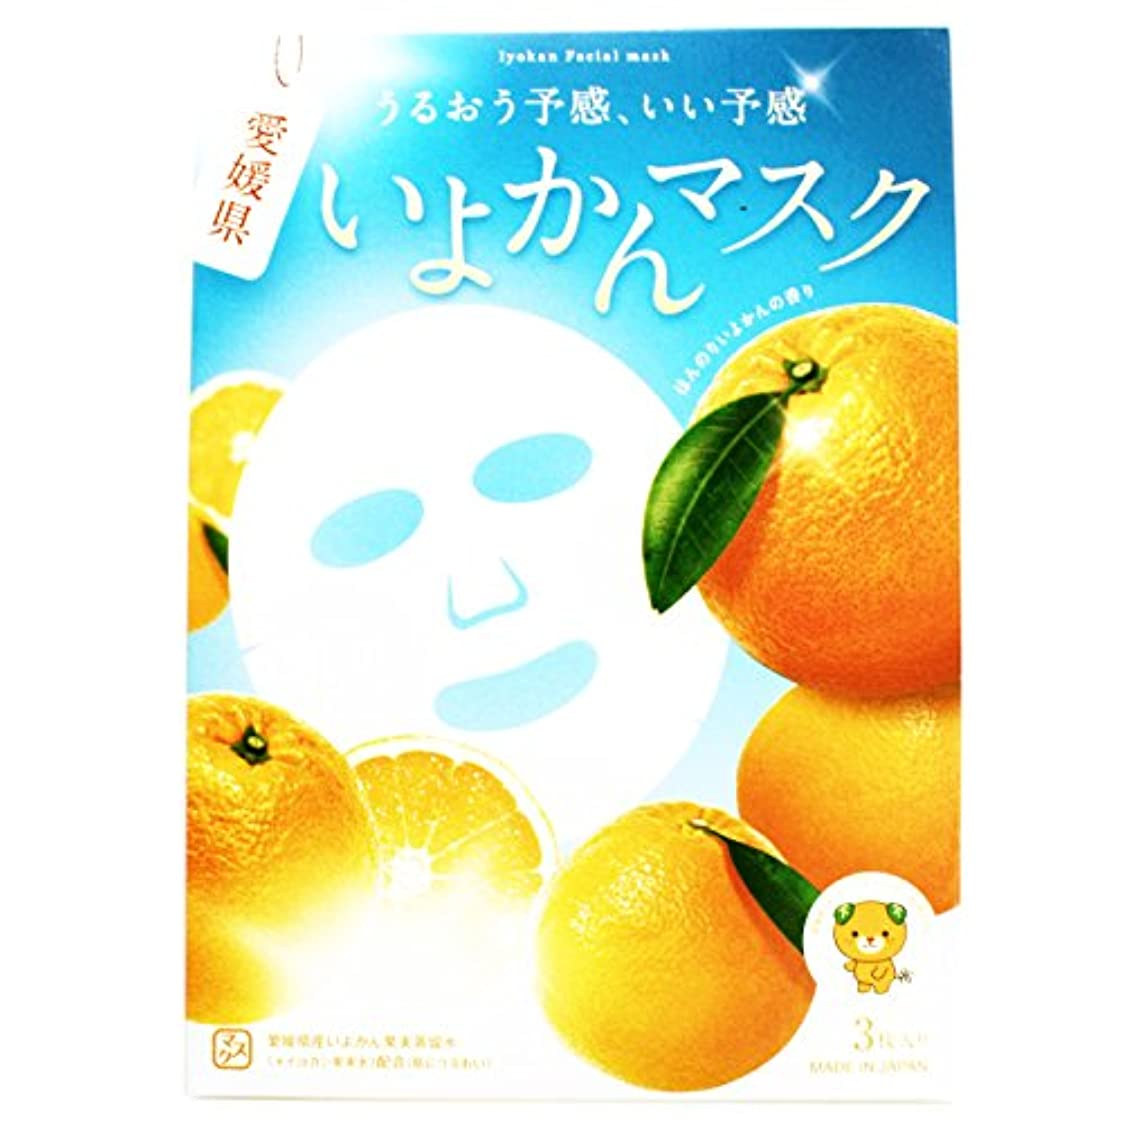 成り立つ落胆させるペット愛媛県 いよかんマスク 3枚入り